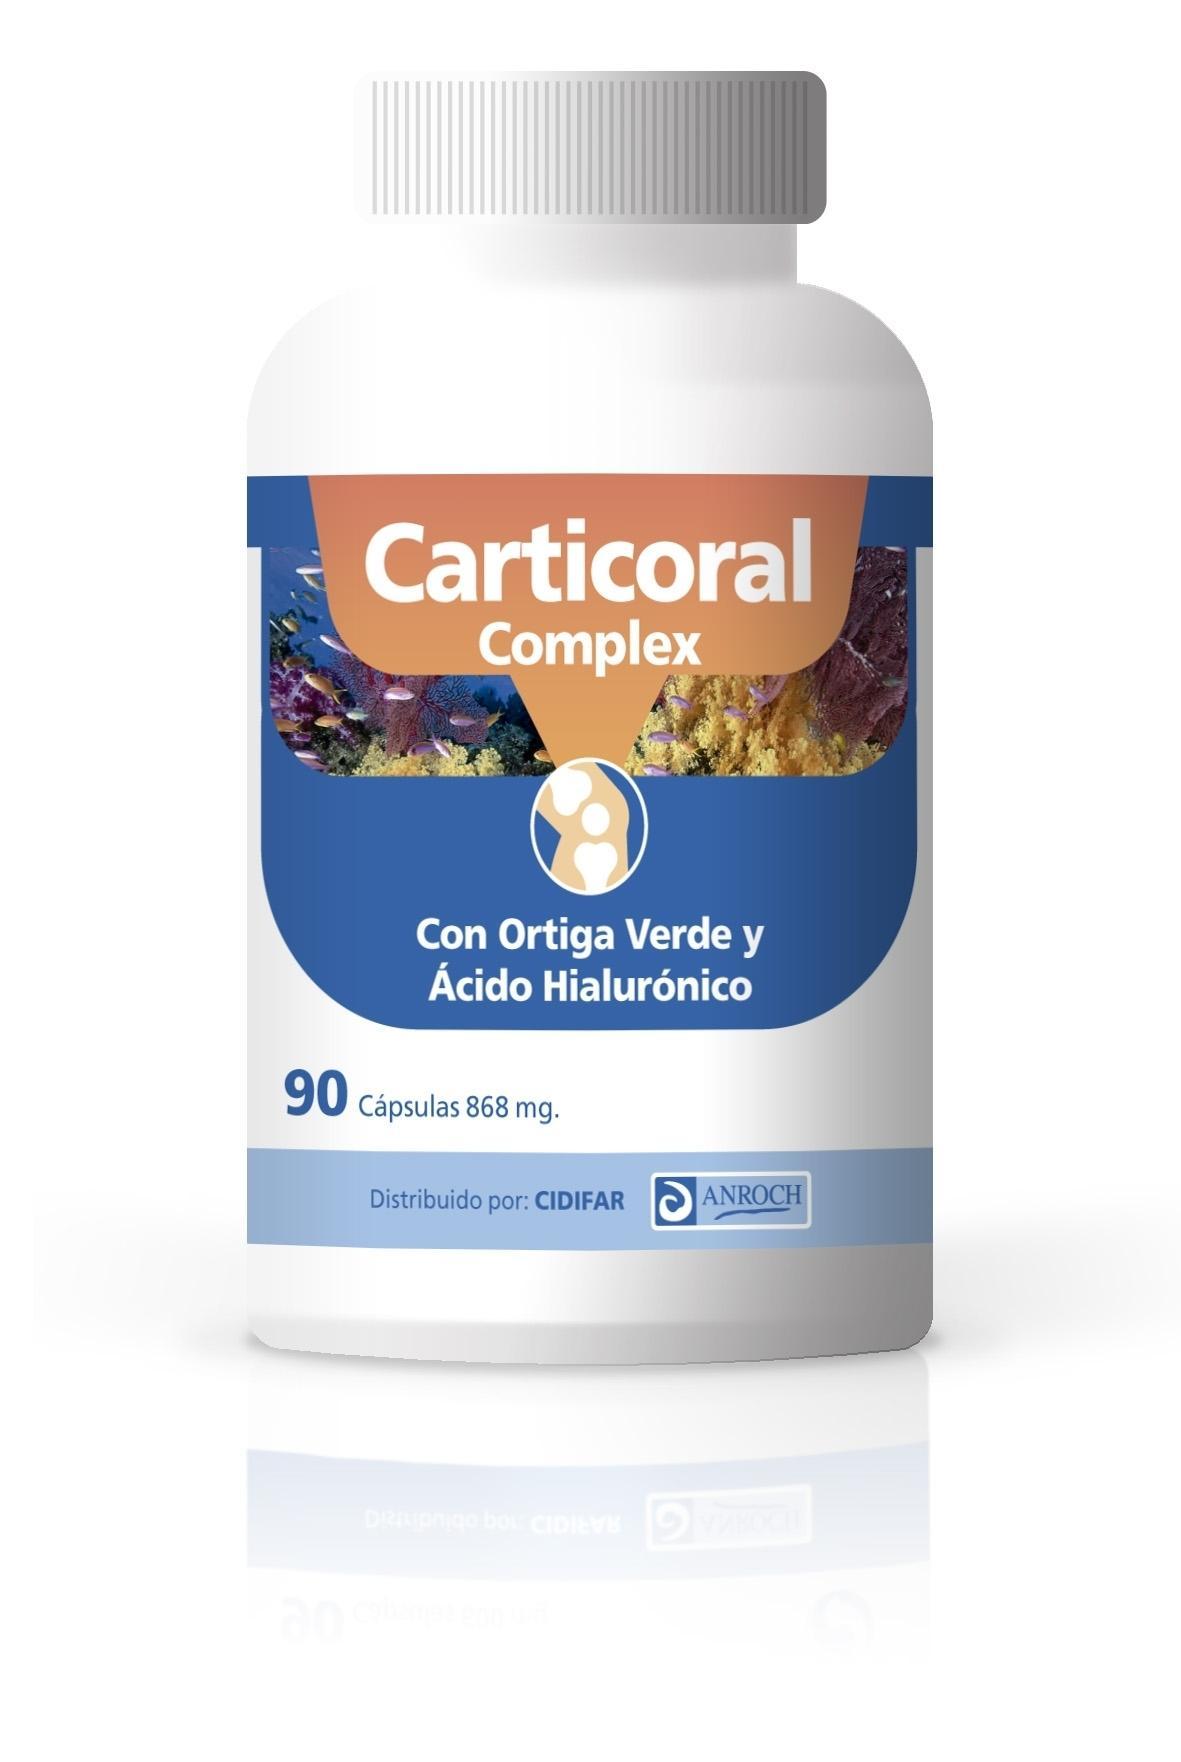 CARTICORAL COMPLEX, 90 cápsulas de 868 mg. ¡OFERTA TEMPORAL sin gastos de envío!